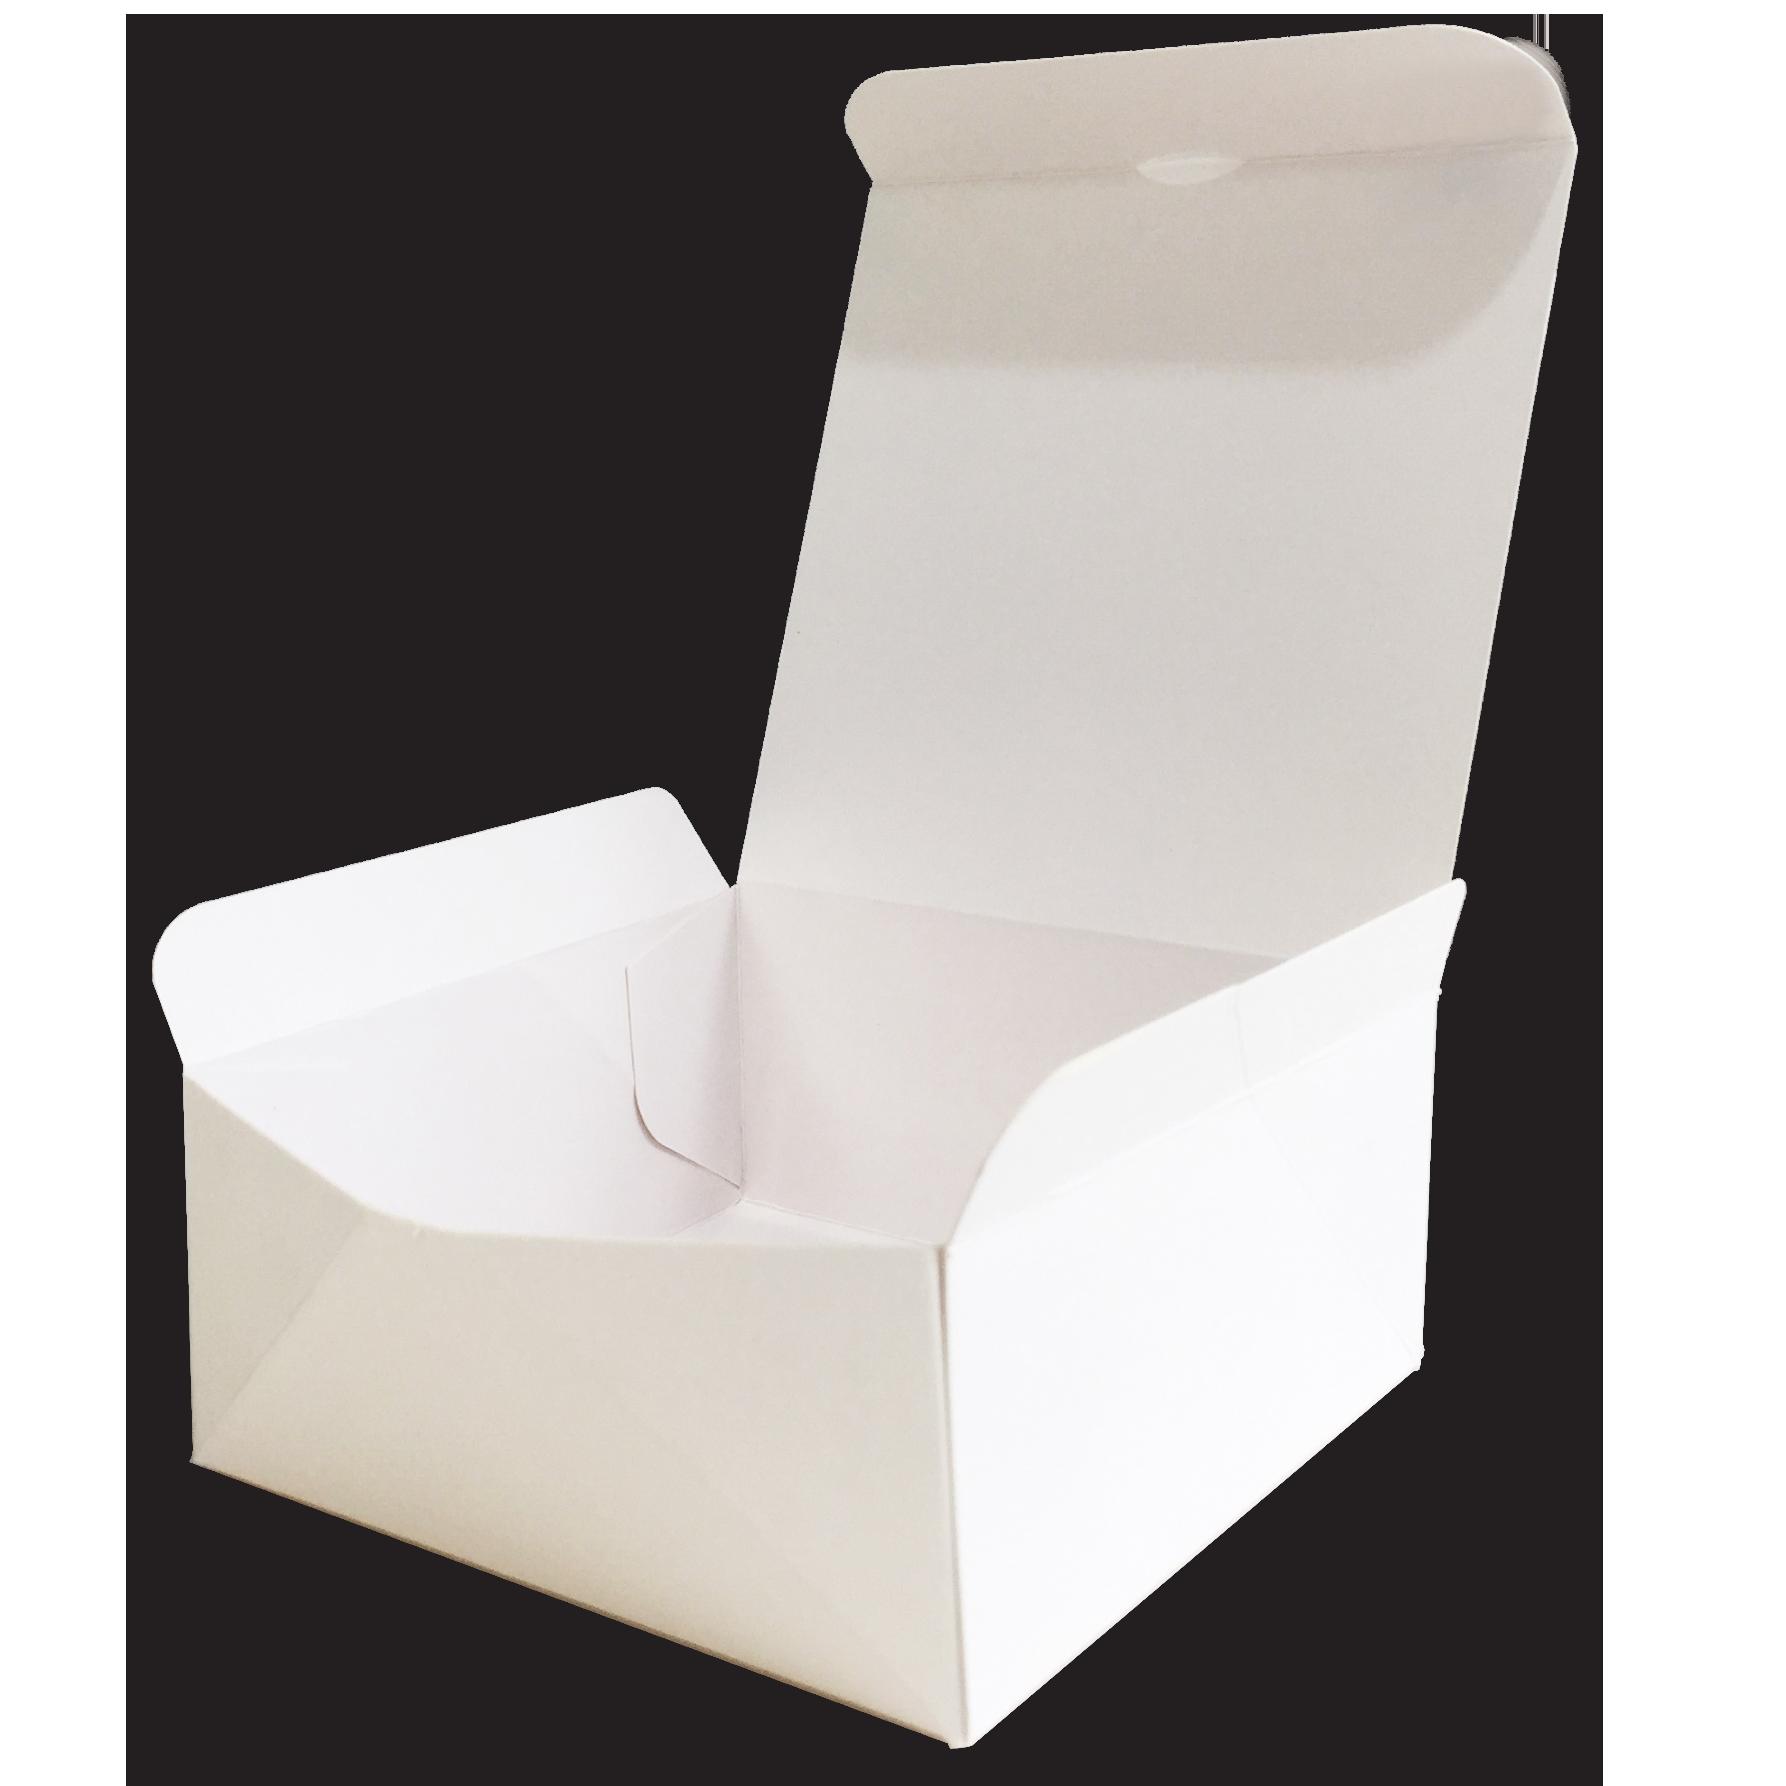 กล่องบรรจุภัณฑ์อาหาร Cleanbox ใช้กระดาษ Foodgrade ปลอดภัย ทนร้อน